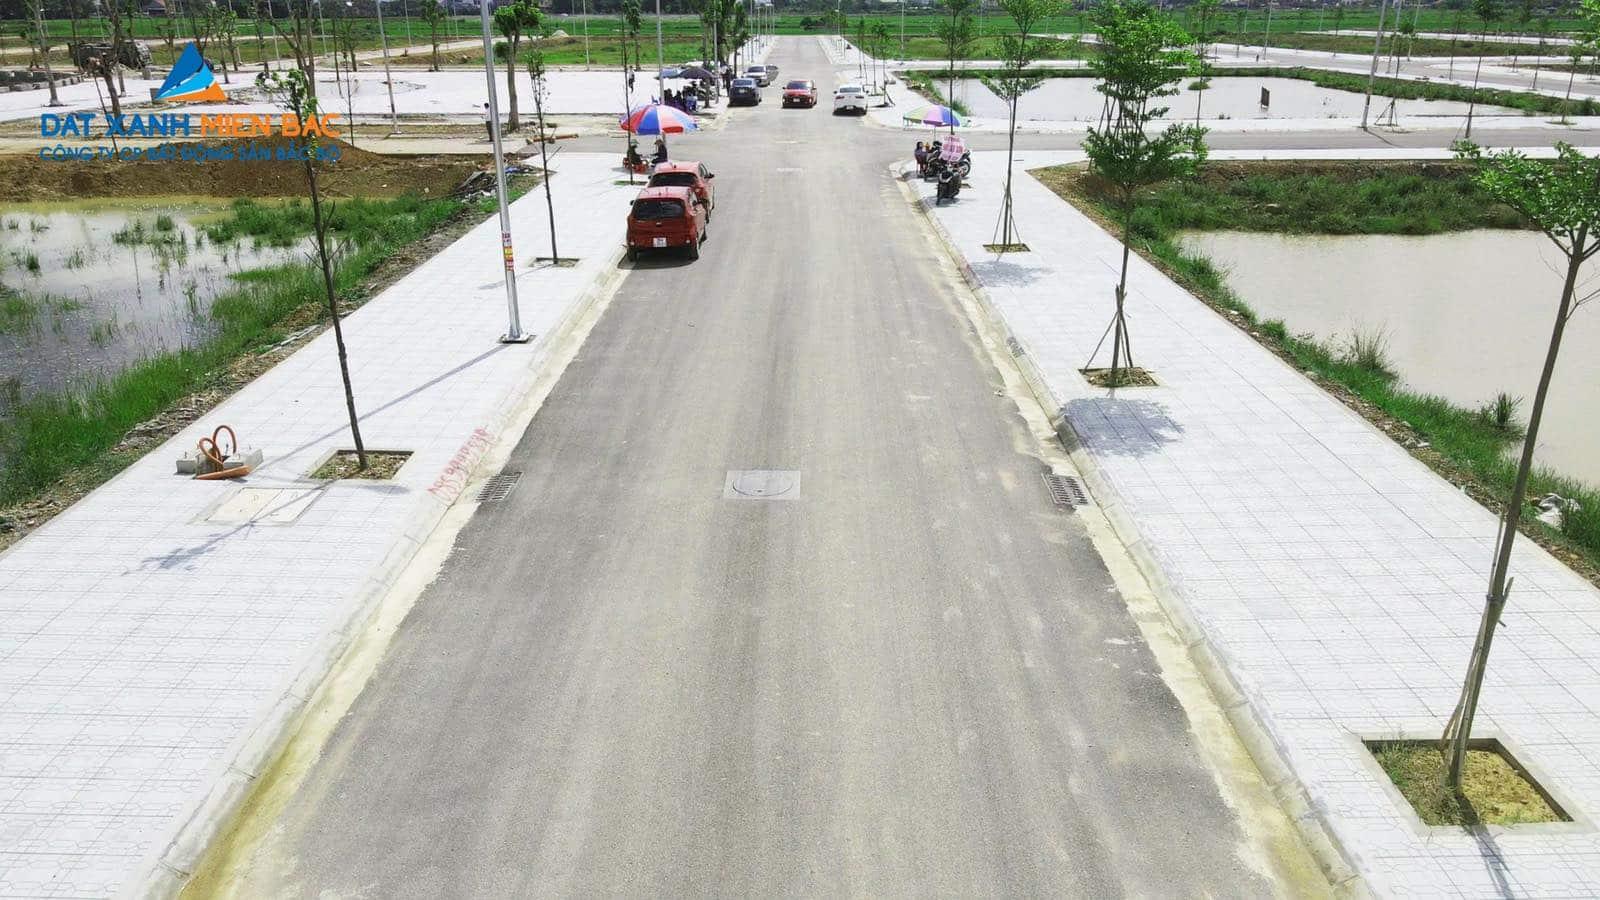 Đất đấu giá MB650 Đông Khê hạ tầng hoàn hảo 100% hoàn chỉnh tháng 7/2021